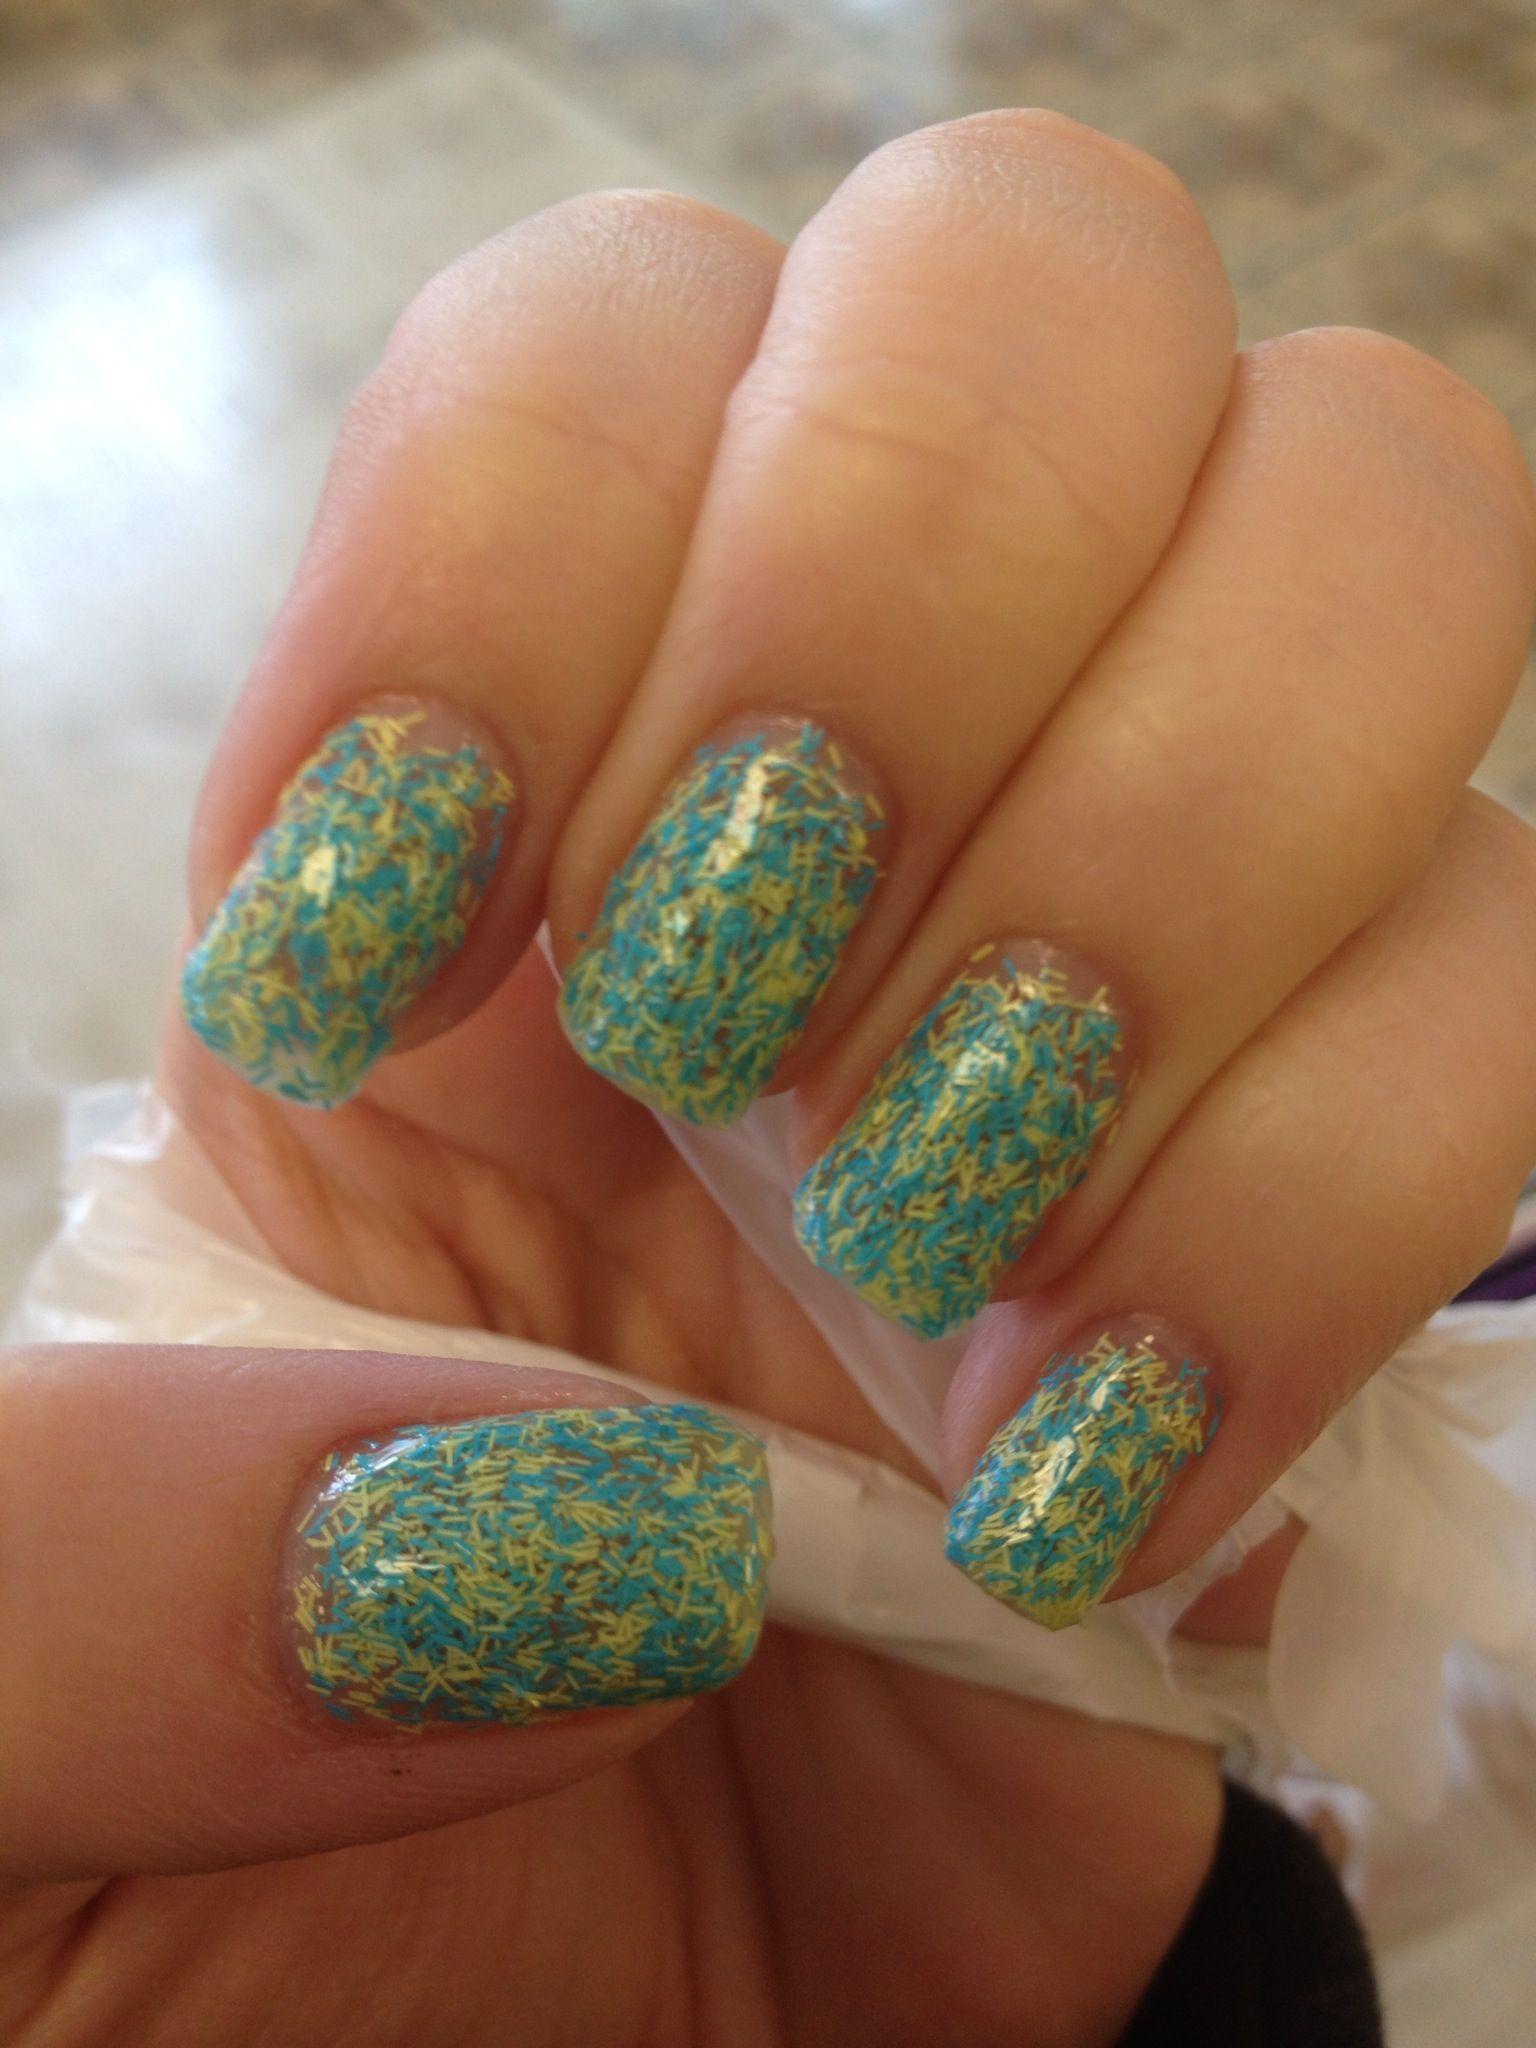 Sally Hanson Fuzzy nail color | Beauty | Pinterest | Sally, Nail ...